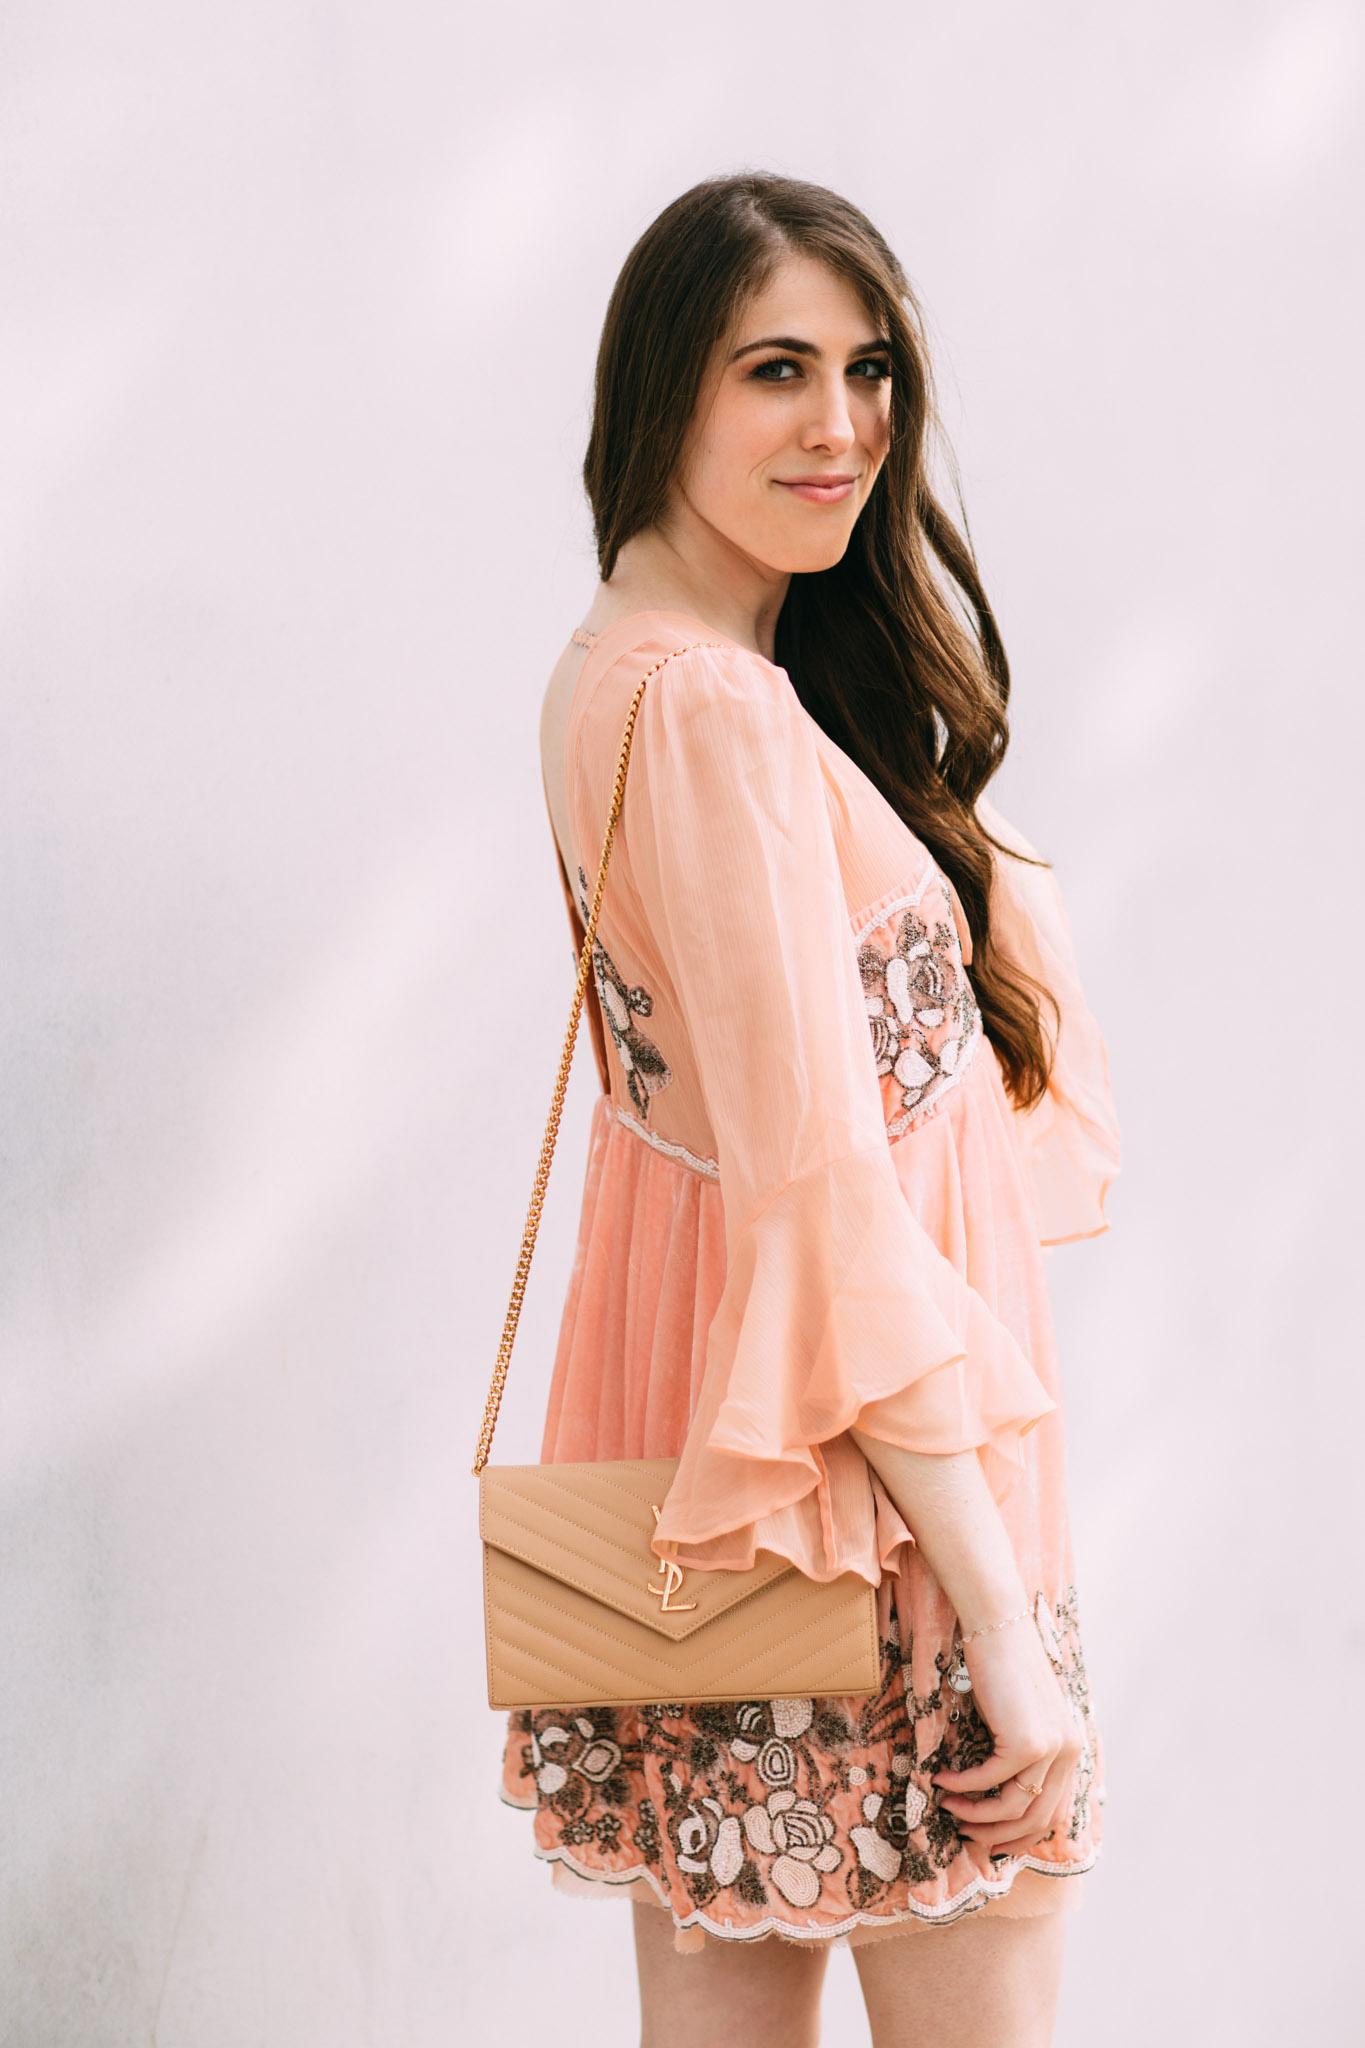 Los Angeles fashion blogger Brooke du jour